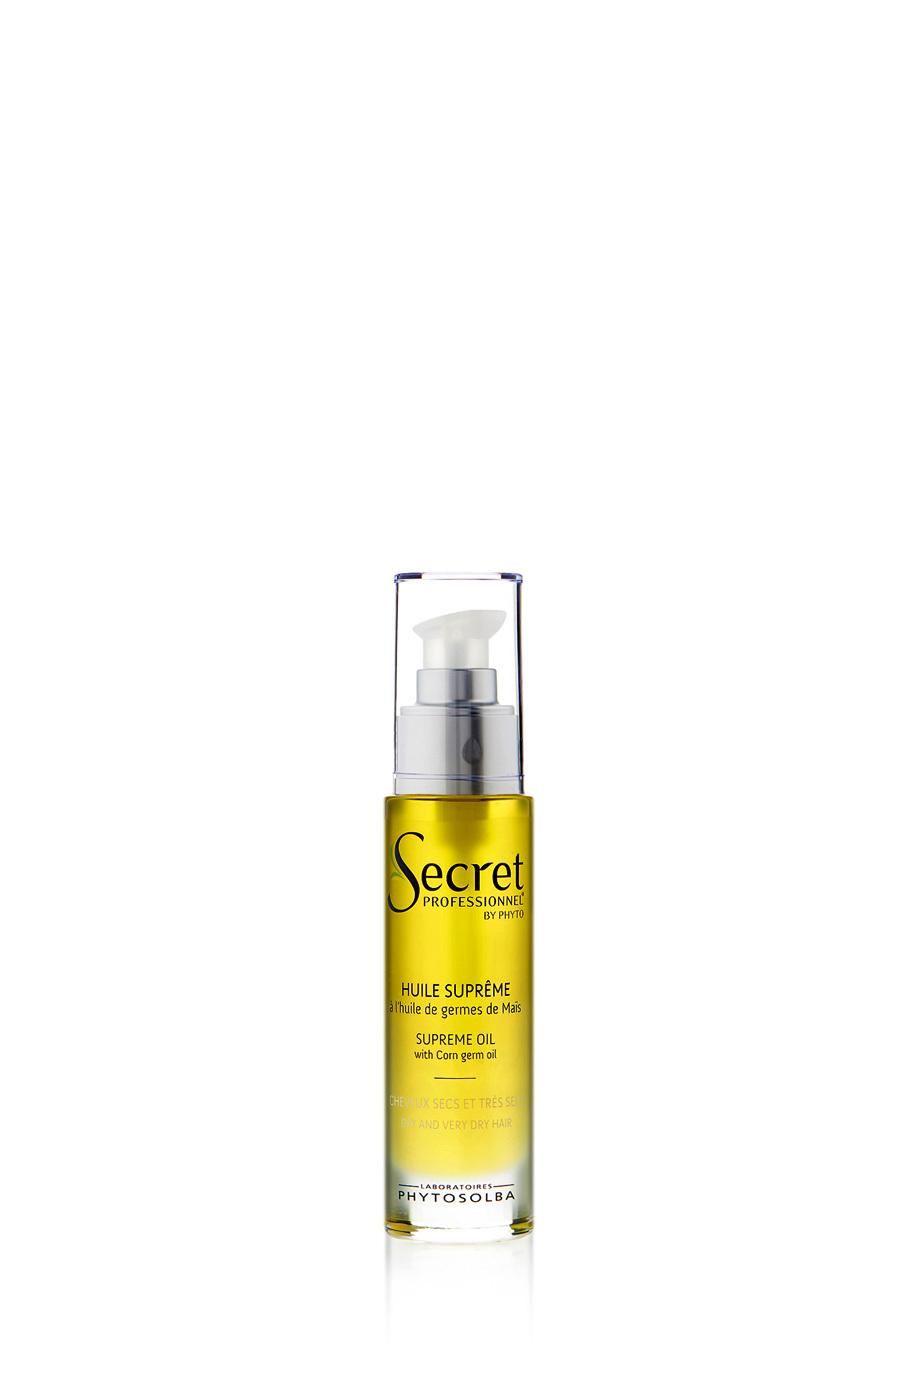 Huile Supreme | Питательное масло глубокого действия для очень сухих, поврежденных волос 50мл